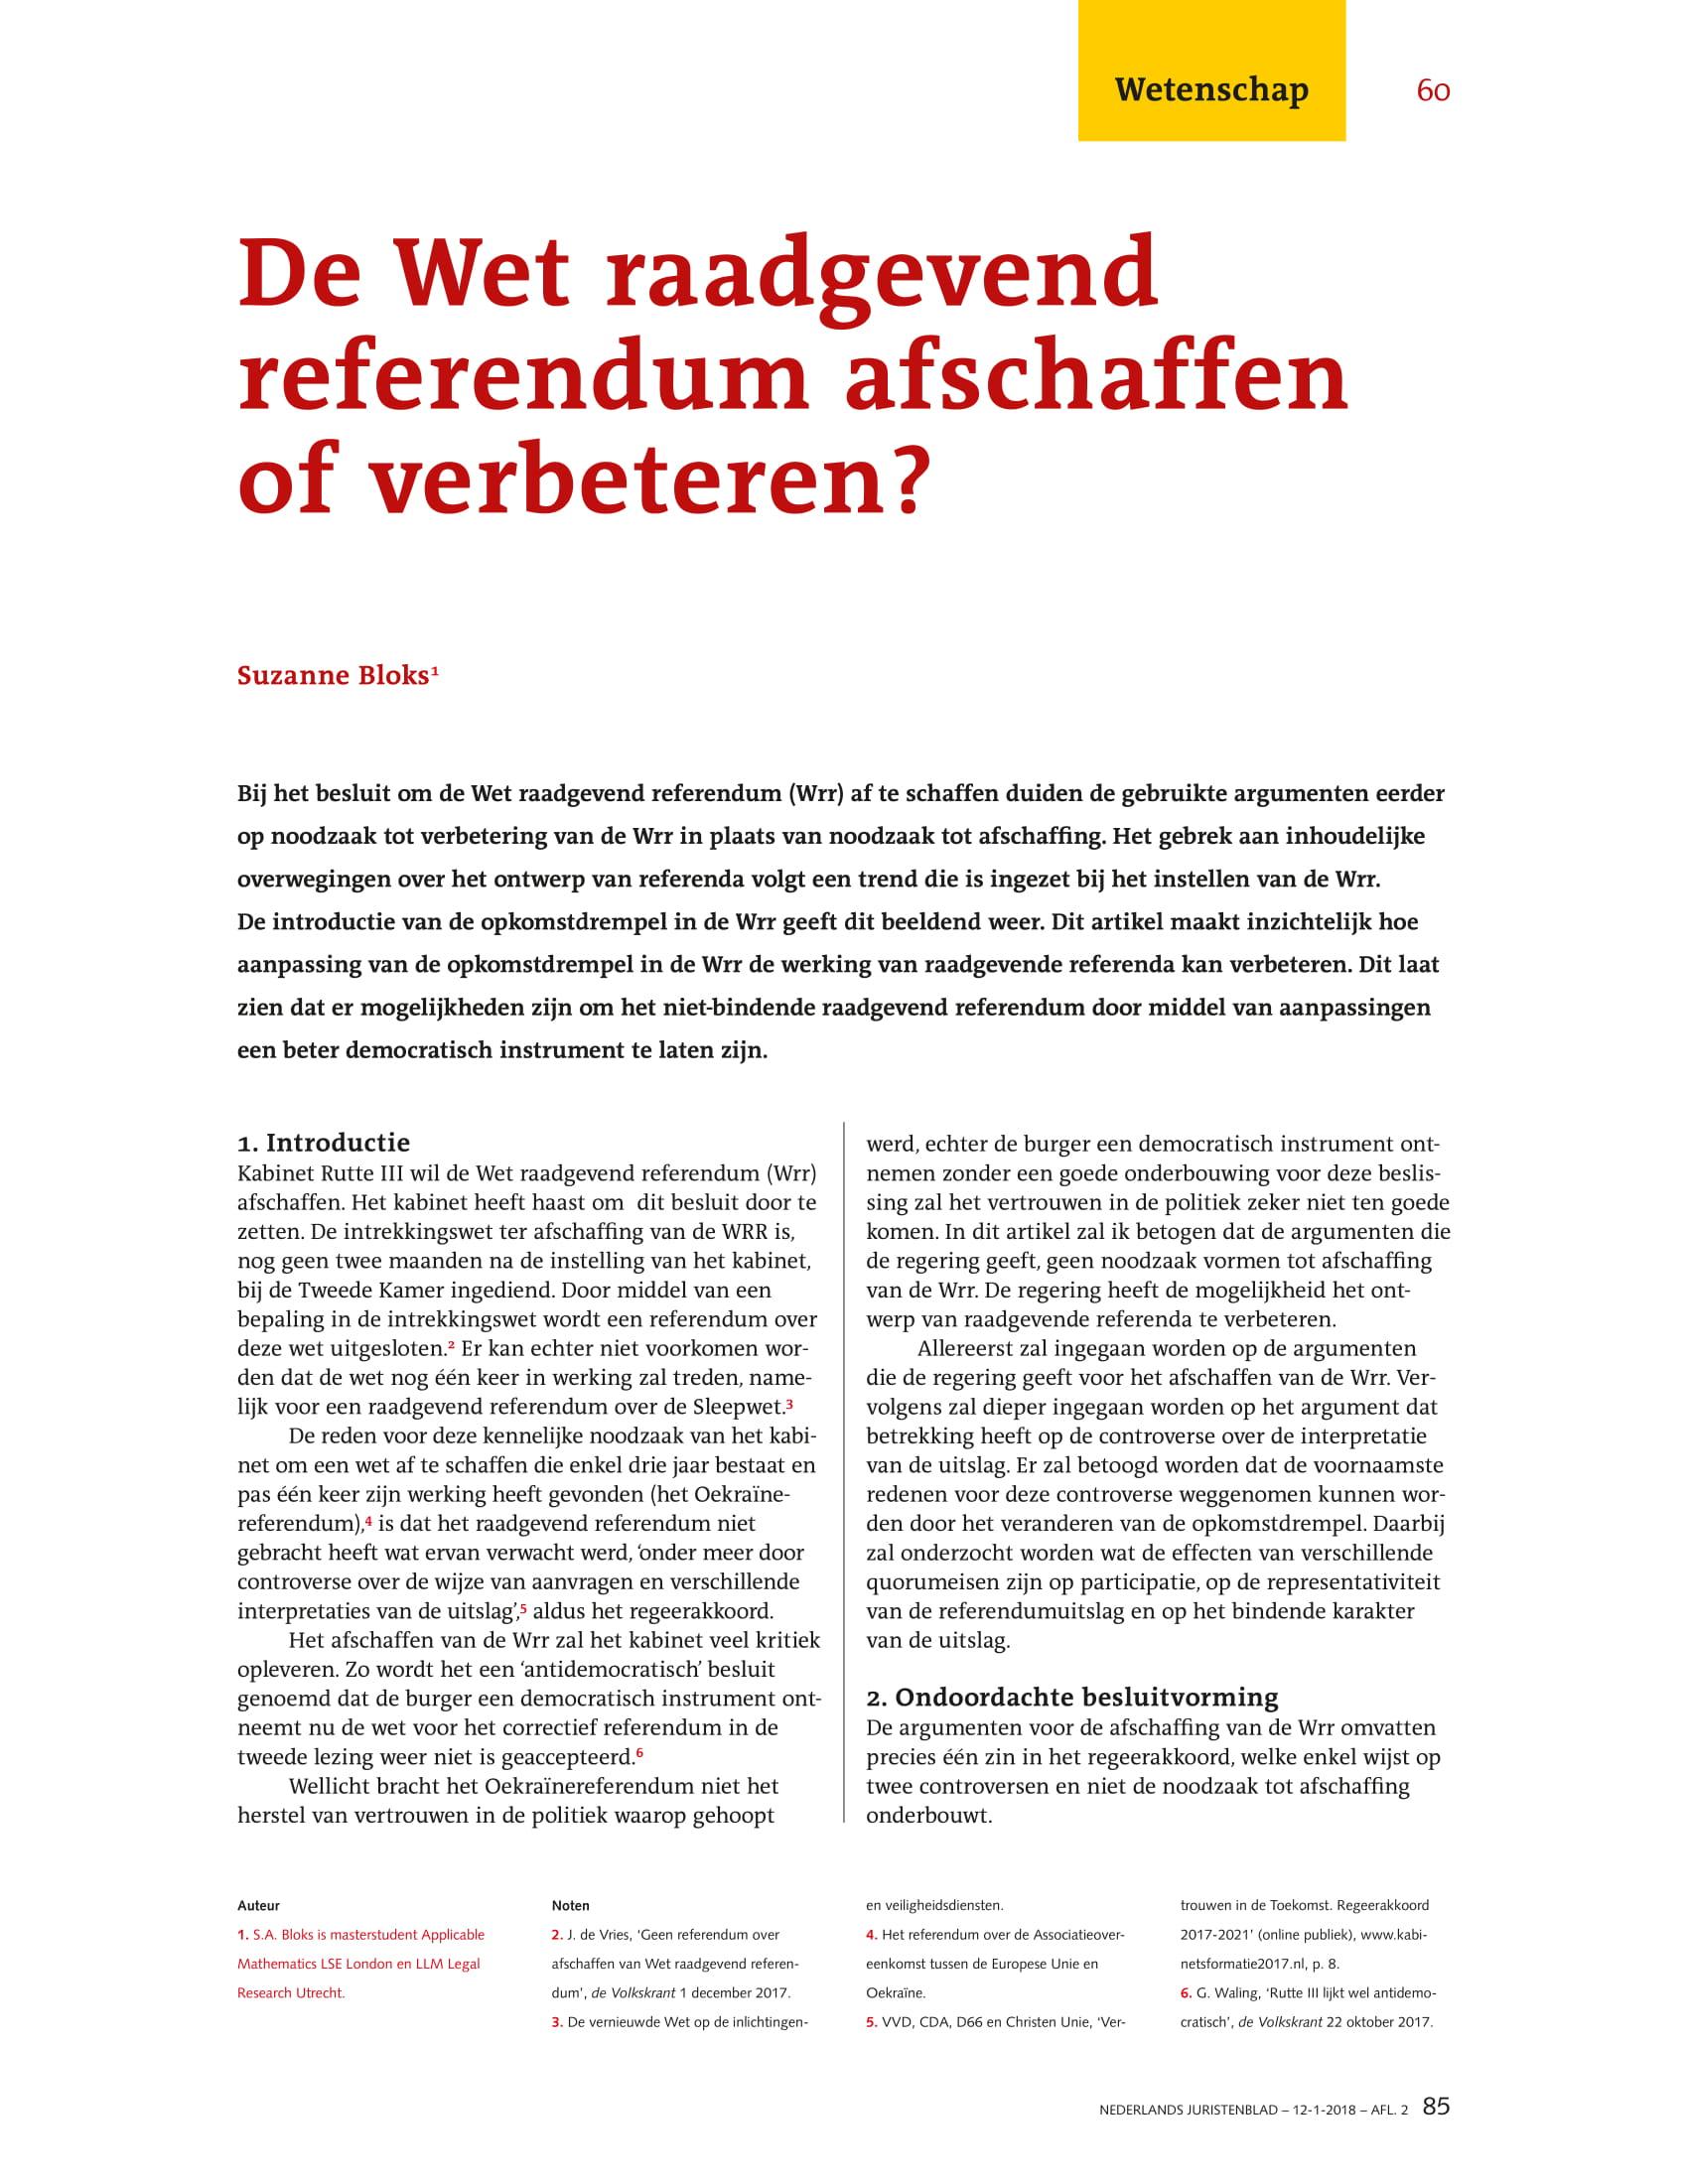 De Wet Raadgevend Referendum afschaffen of verbeteren?